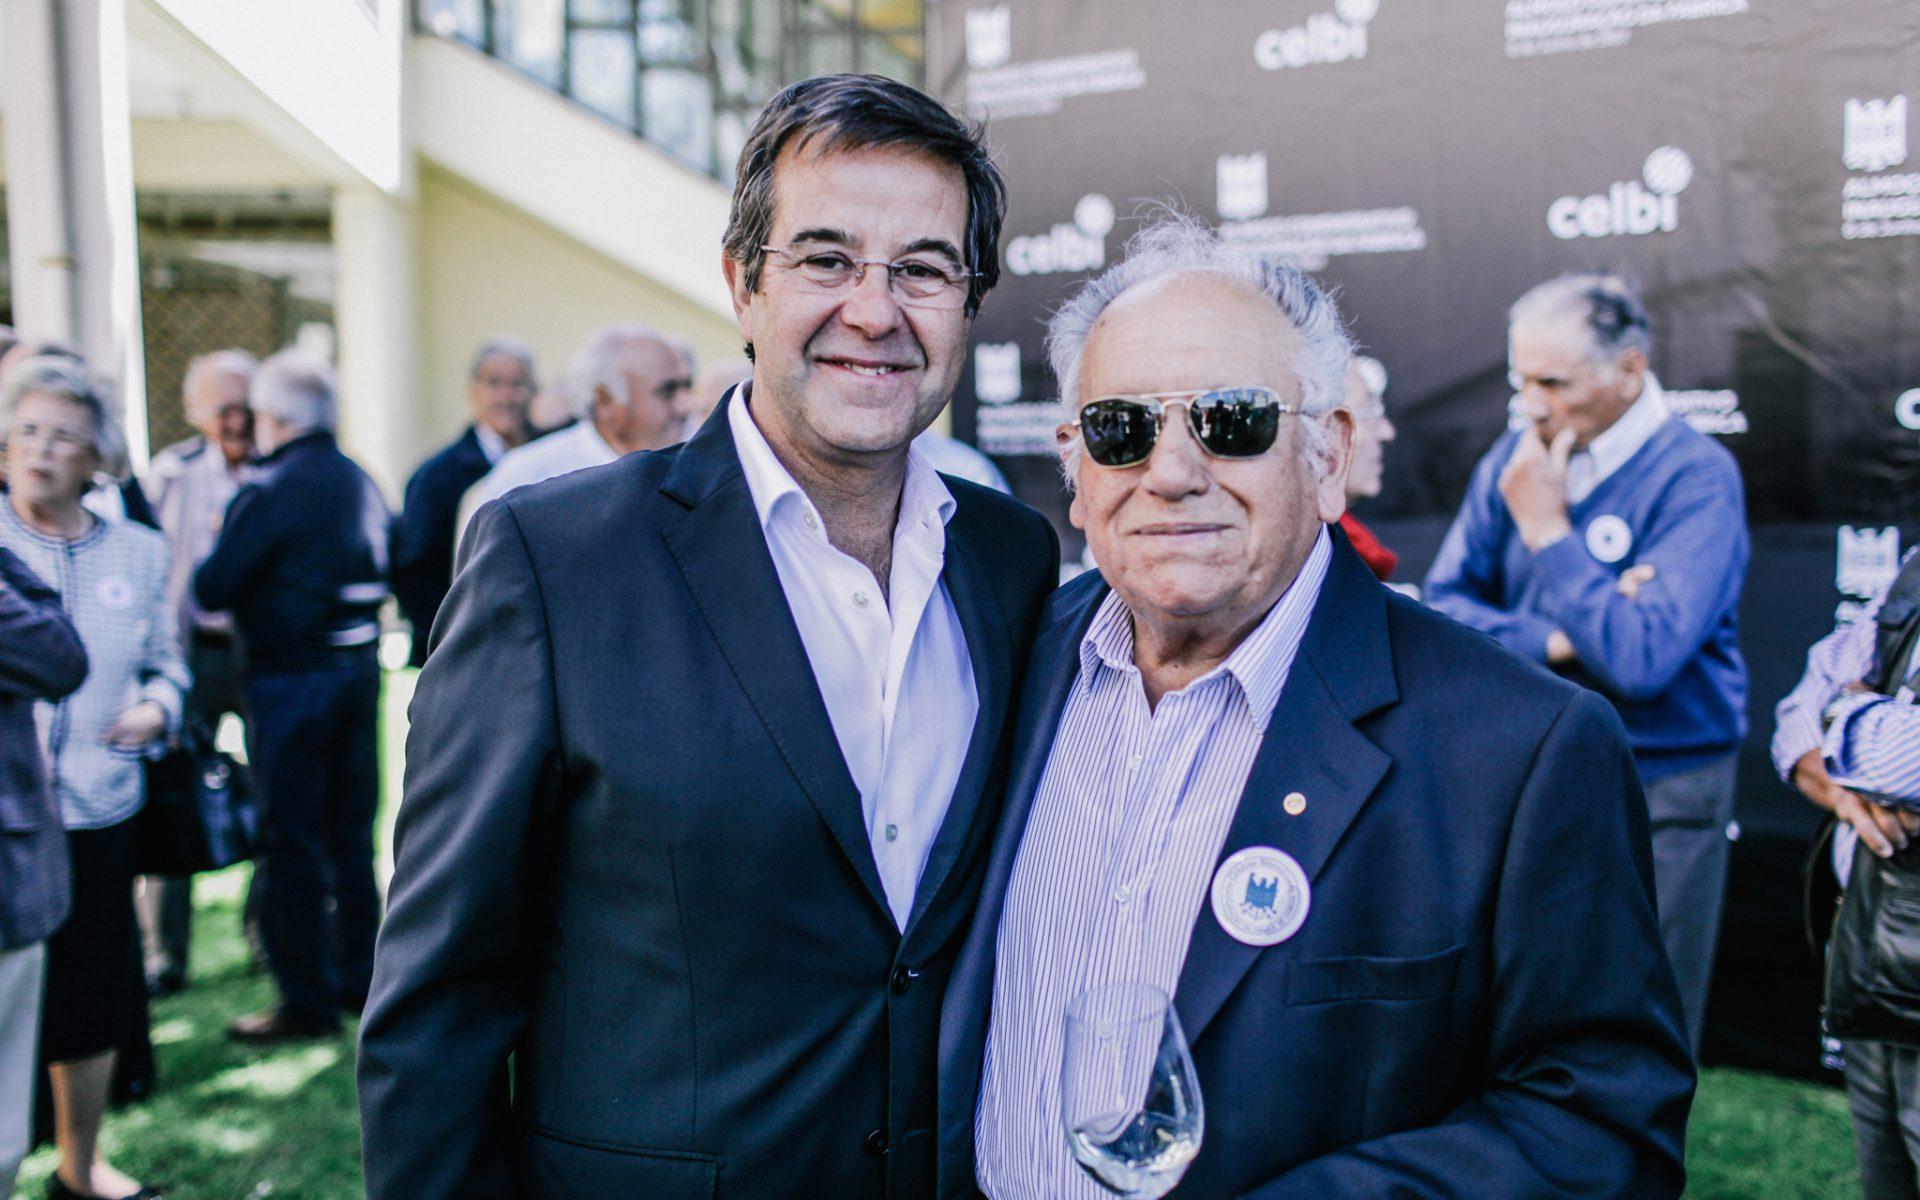 Nogueira Santos and José Gonçalves, former worker at Celbi